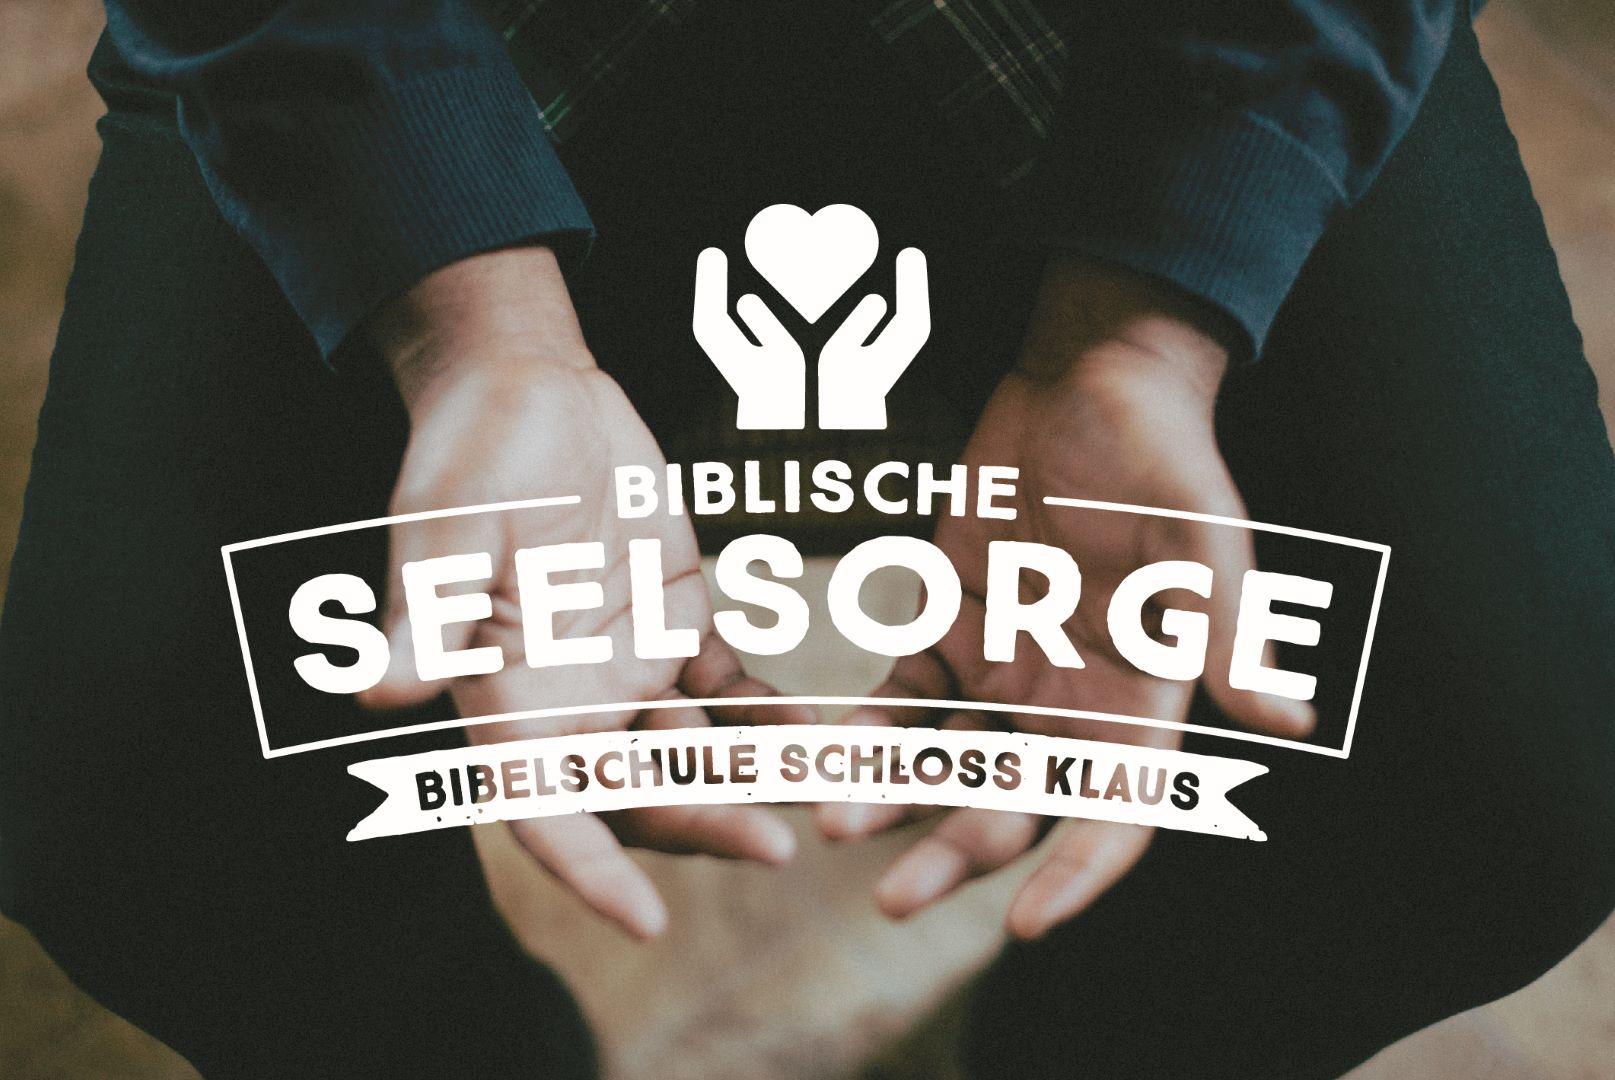 Bibelschule Gasthörerwoche: Biblische Seelsorge